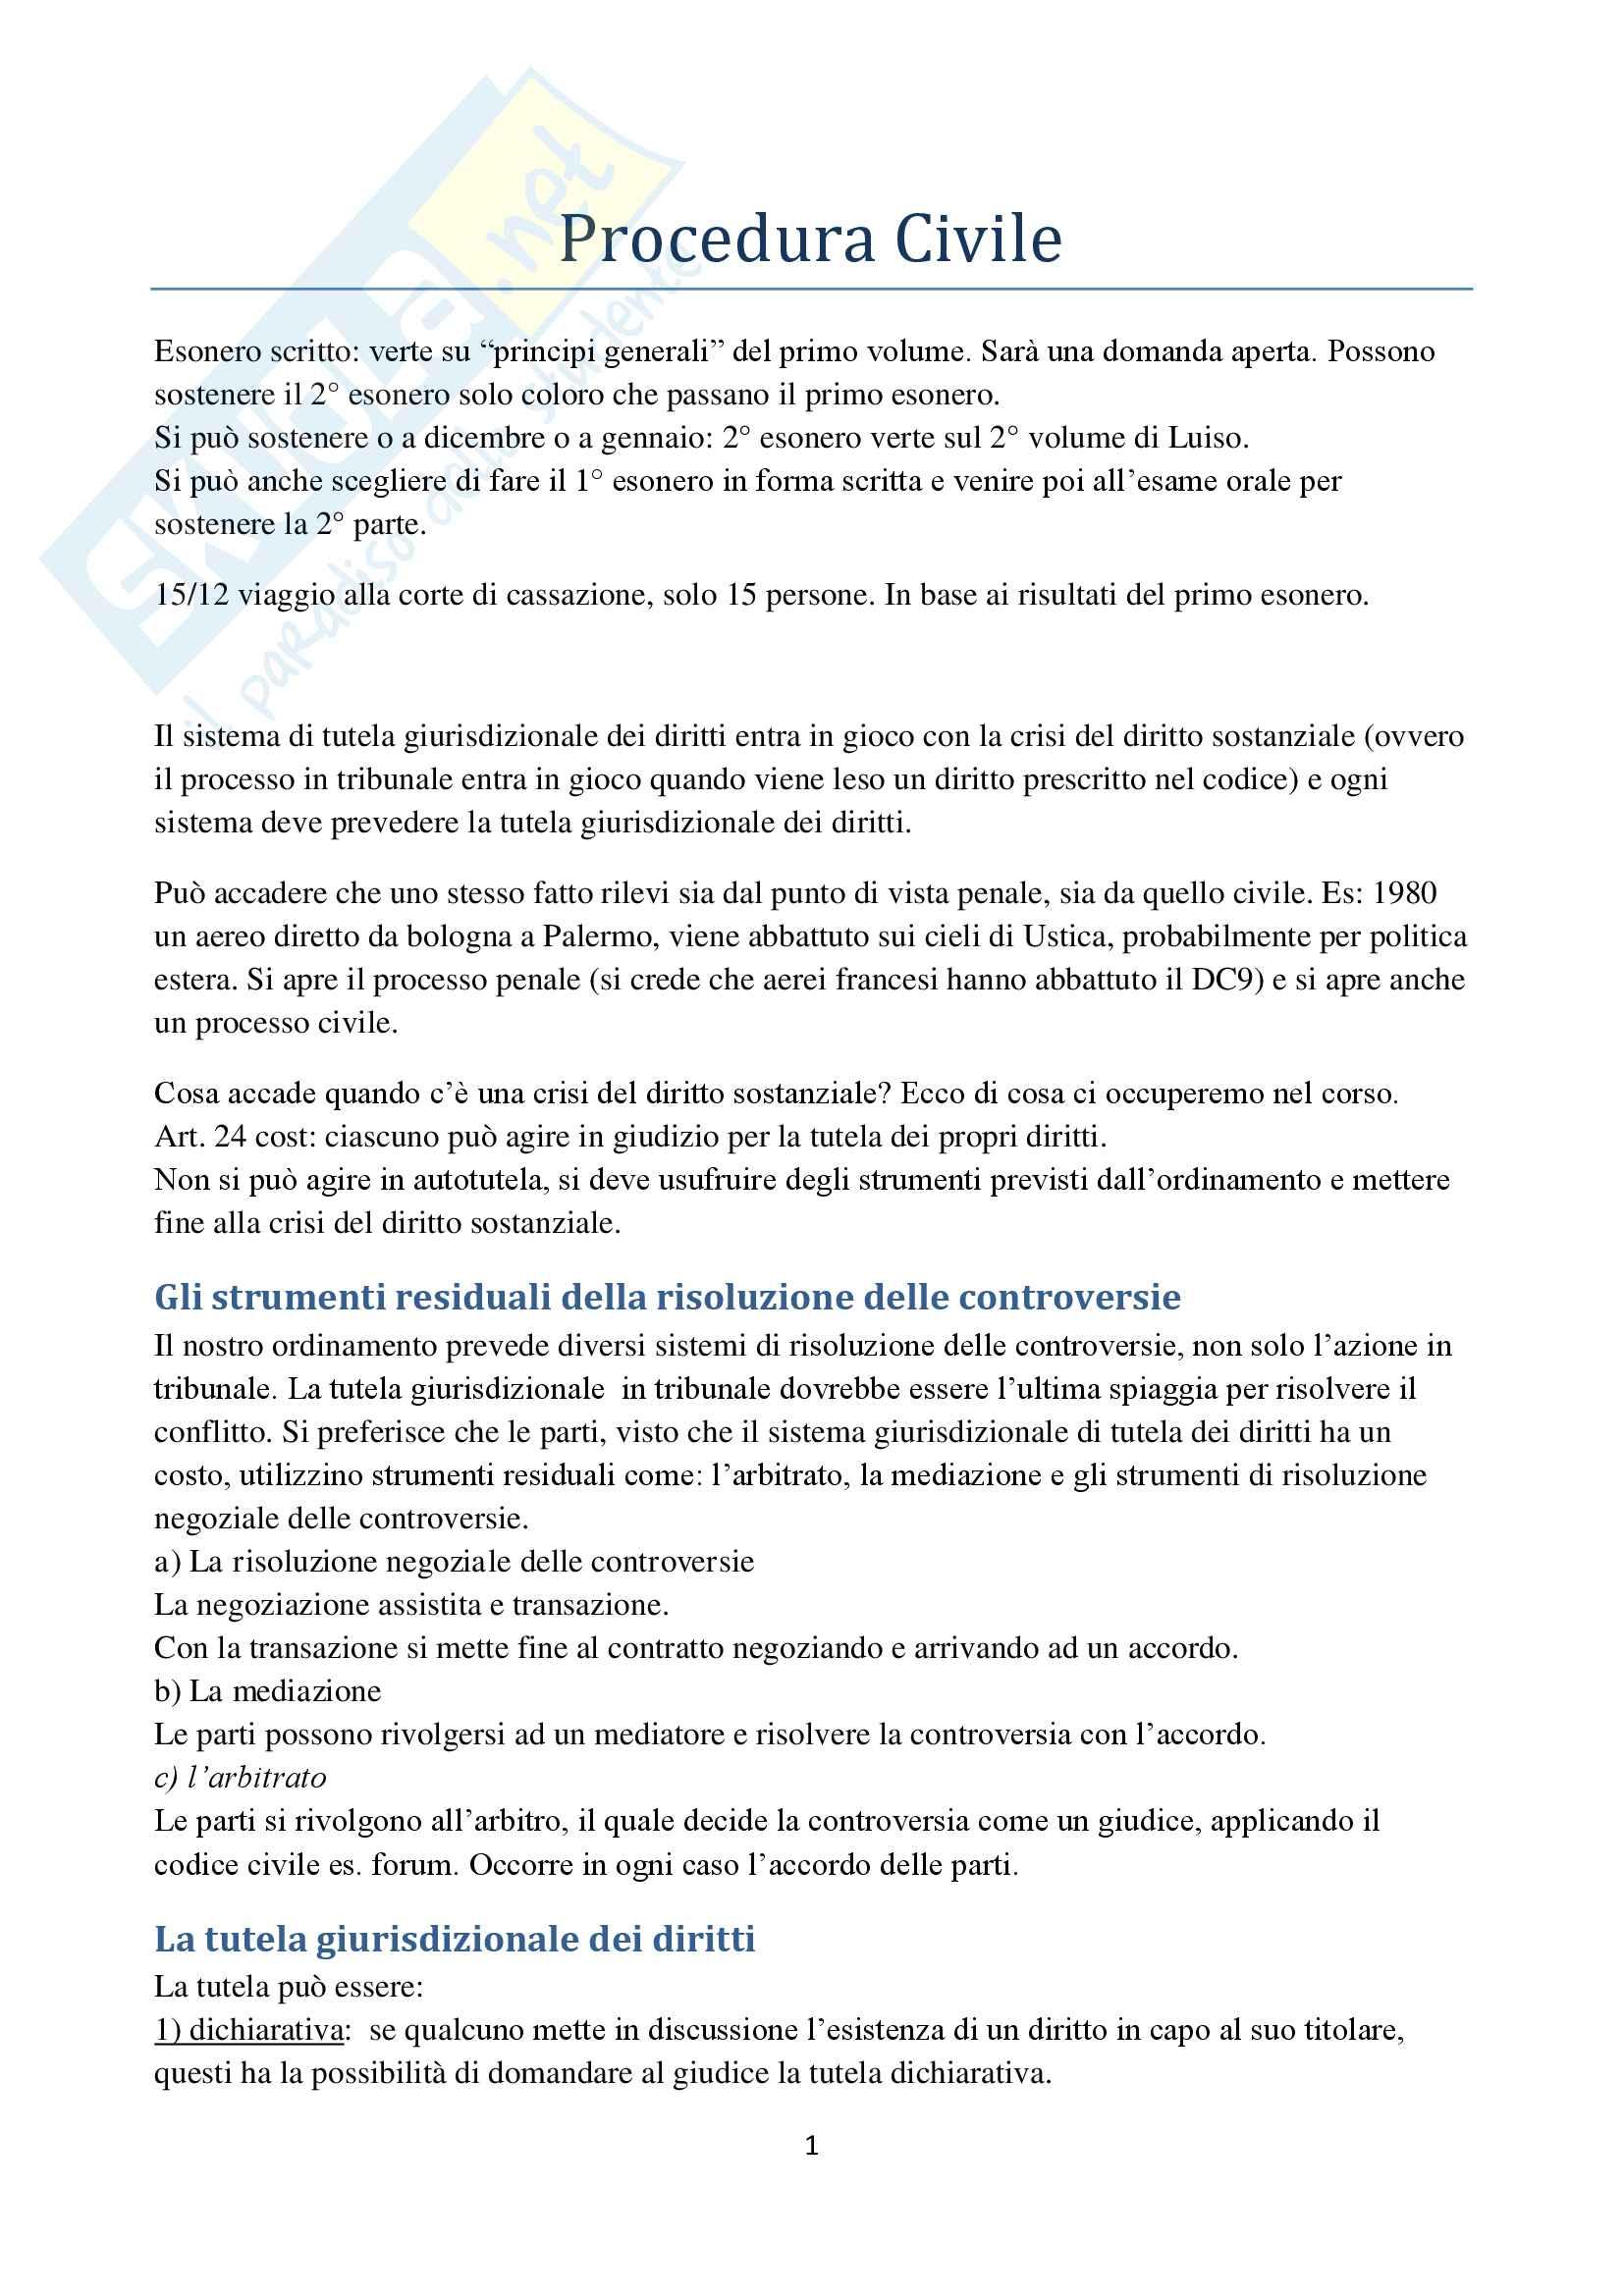 Appunti di Procedura Civile I D'Alessandro per esoneri. Unito